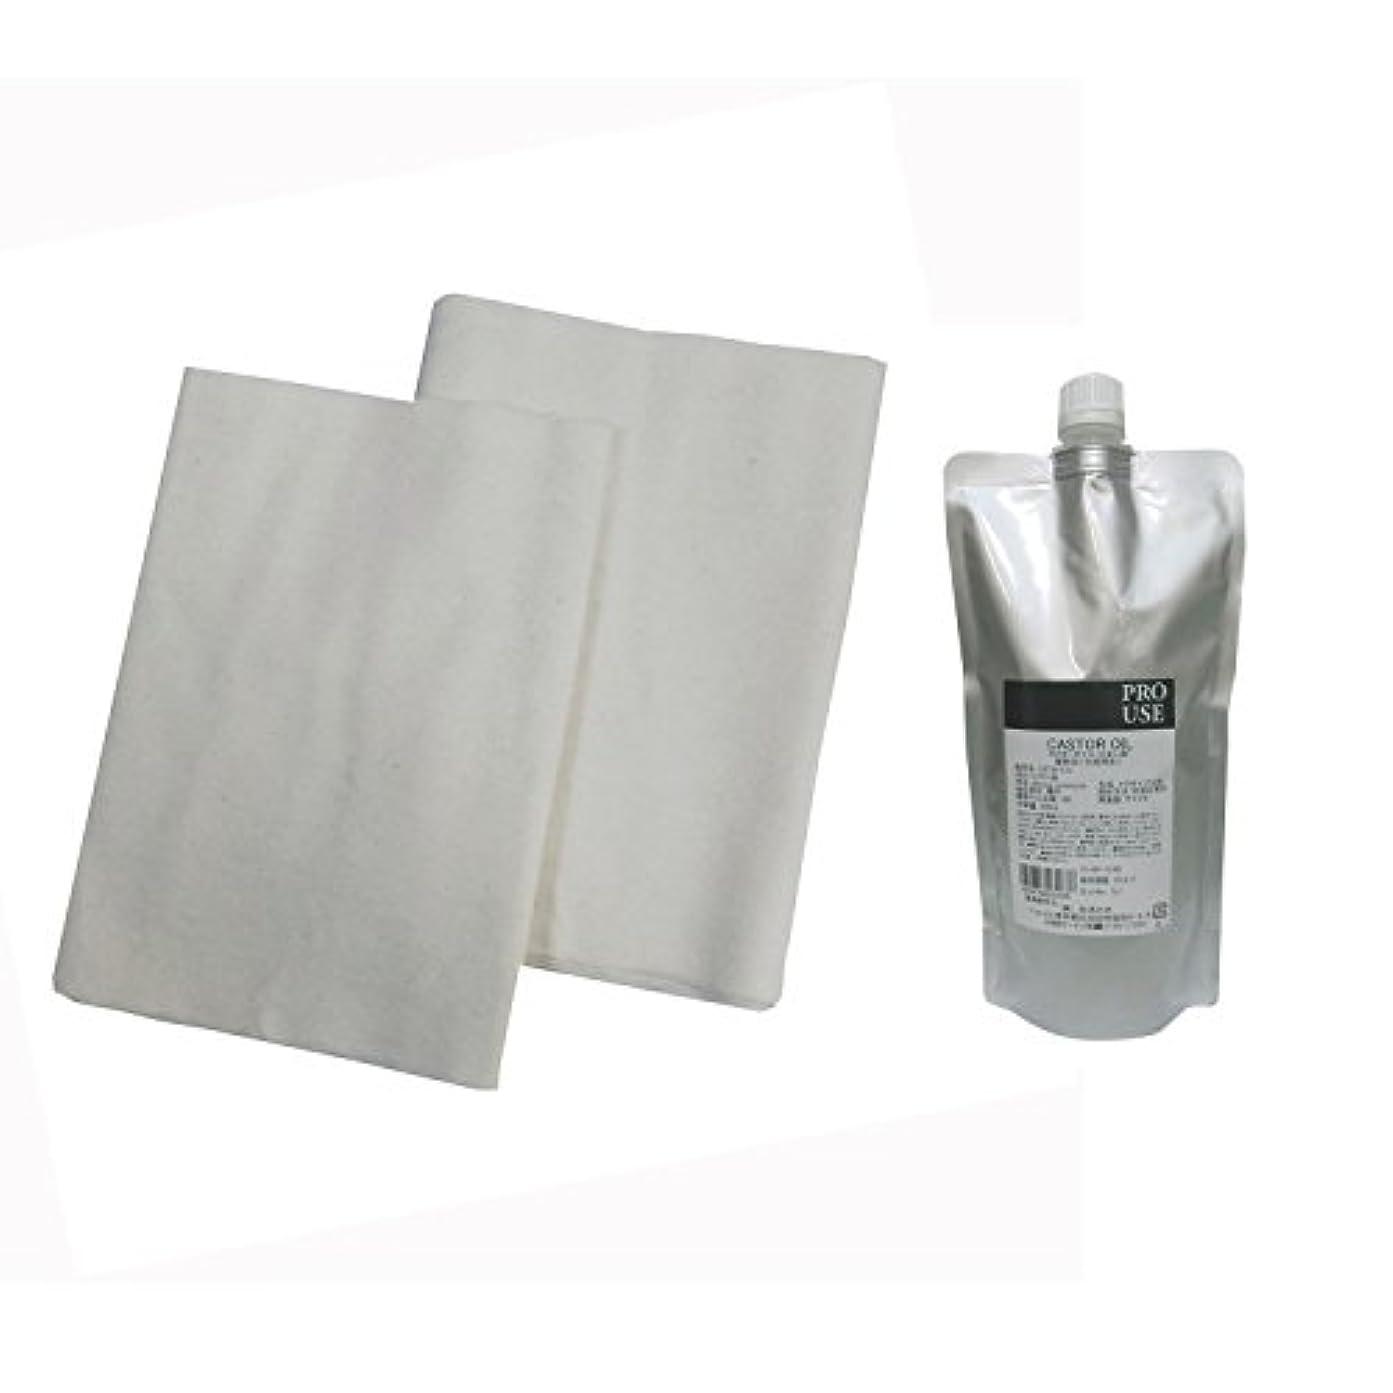 流行モンゴメリー適格カスターオイル ひまし油500mlとコットンフランネル2枚組のセット